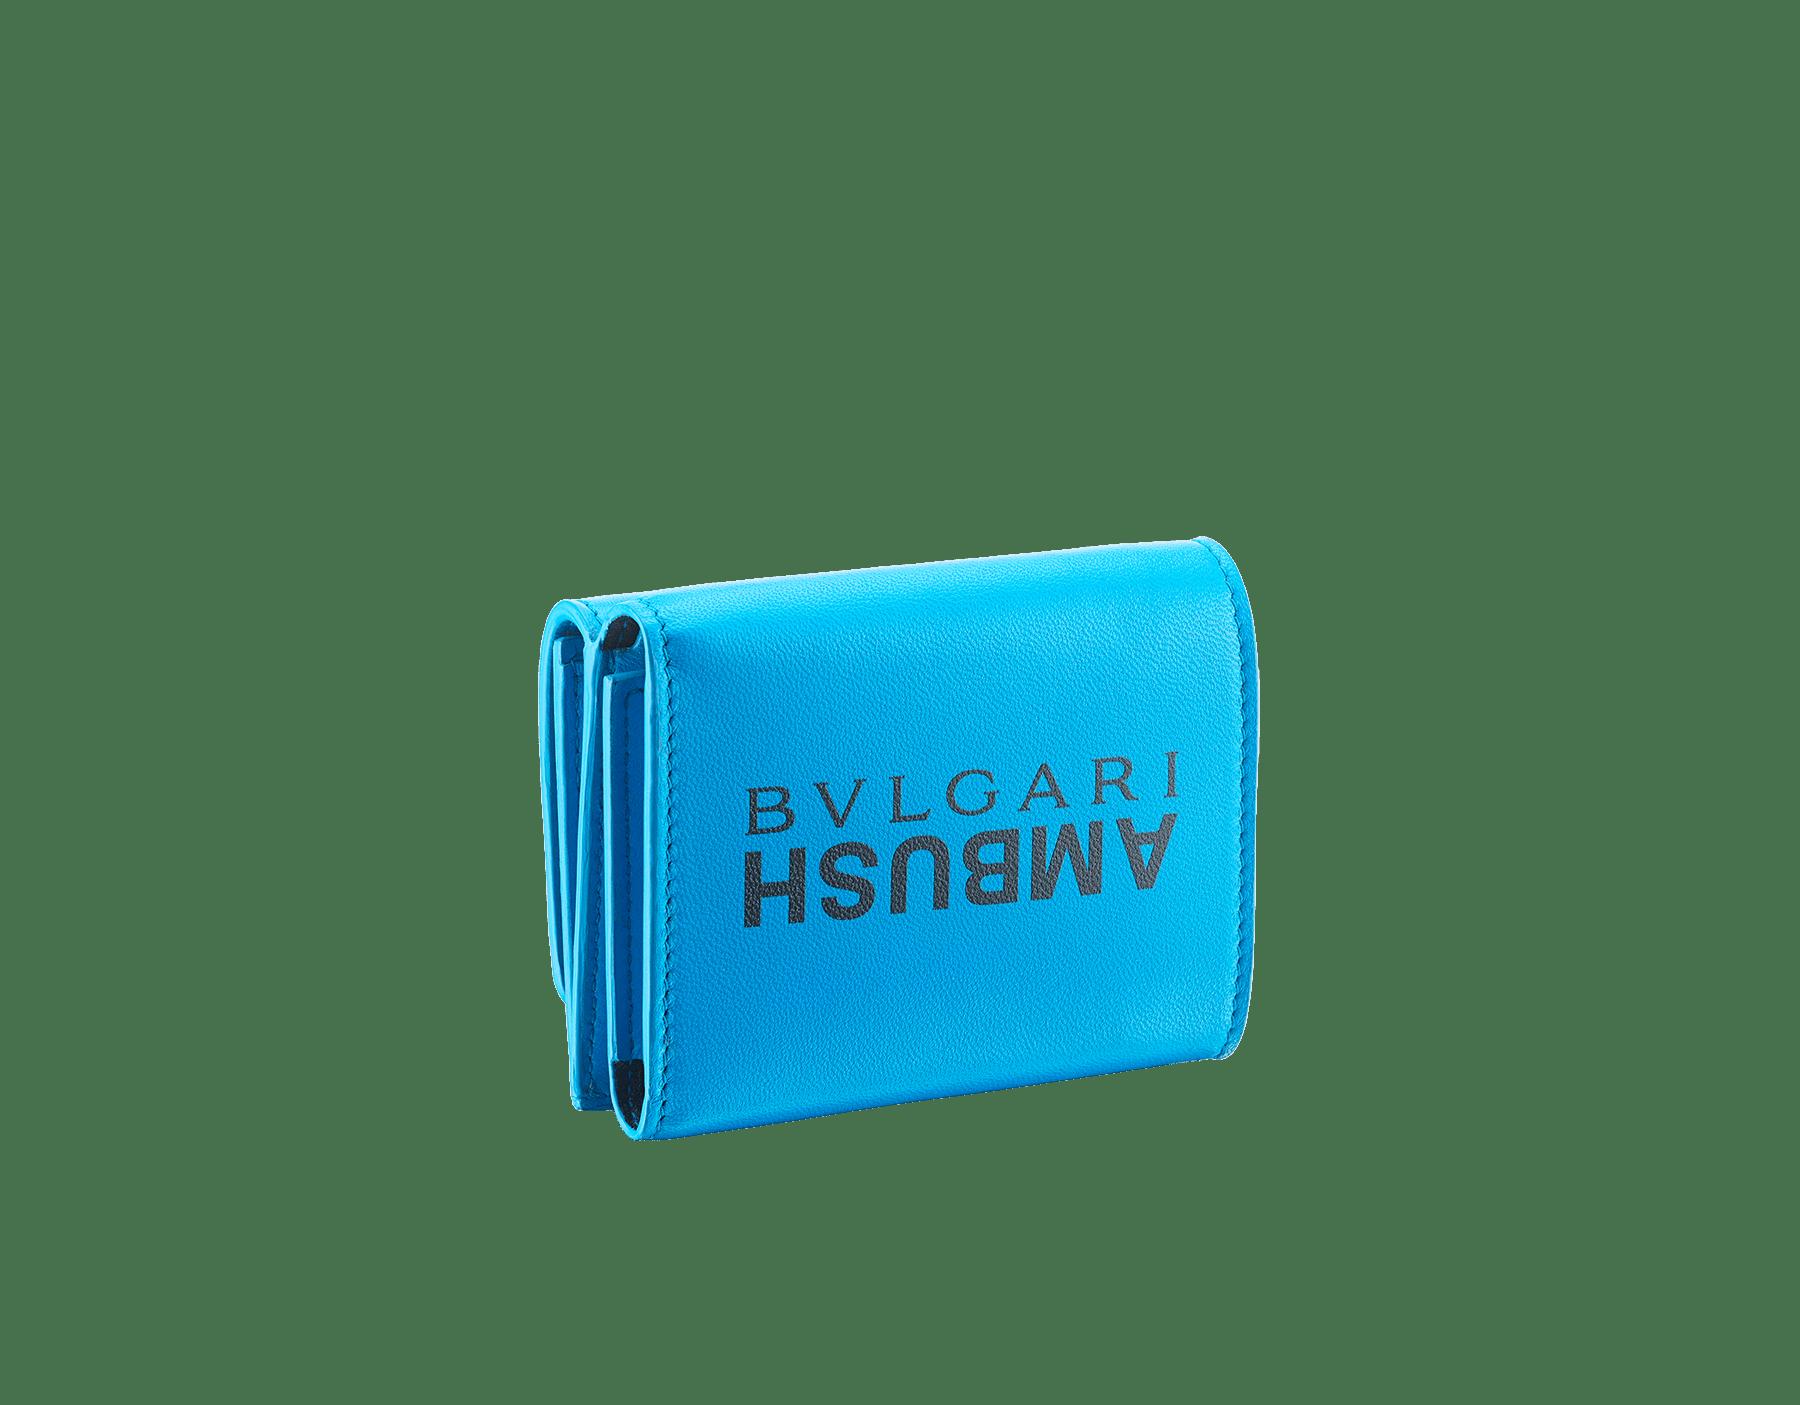 Kompaktes Ambush x Bvlgari Mini-Portemonnaie aus leuchtend blauem Nappaleder. BVLGARI AMBUSH Logodekor aus palladiumbeschichtetem Messing mit schwarzer Emaille auf der einen und besonderer BVLGARI AMBUSH Logoprint auf der anderen Seite. Limited edition. YA-MINICOMPACT image 3